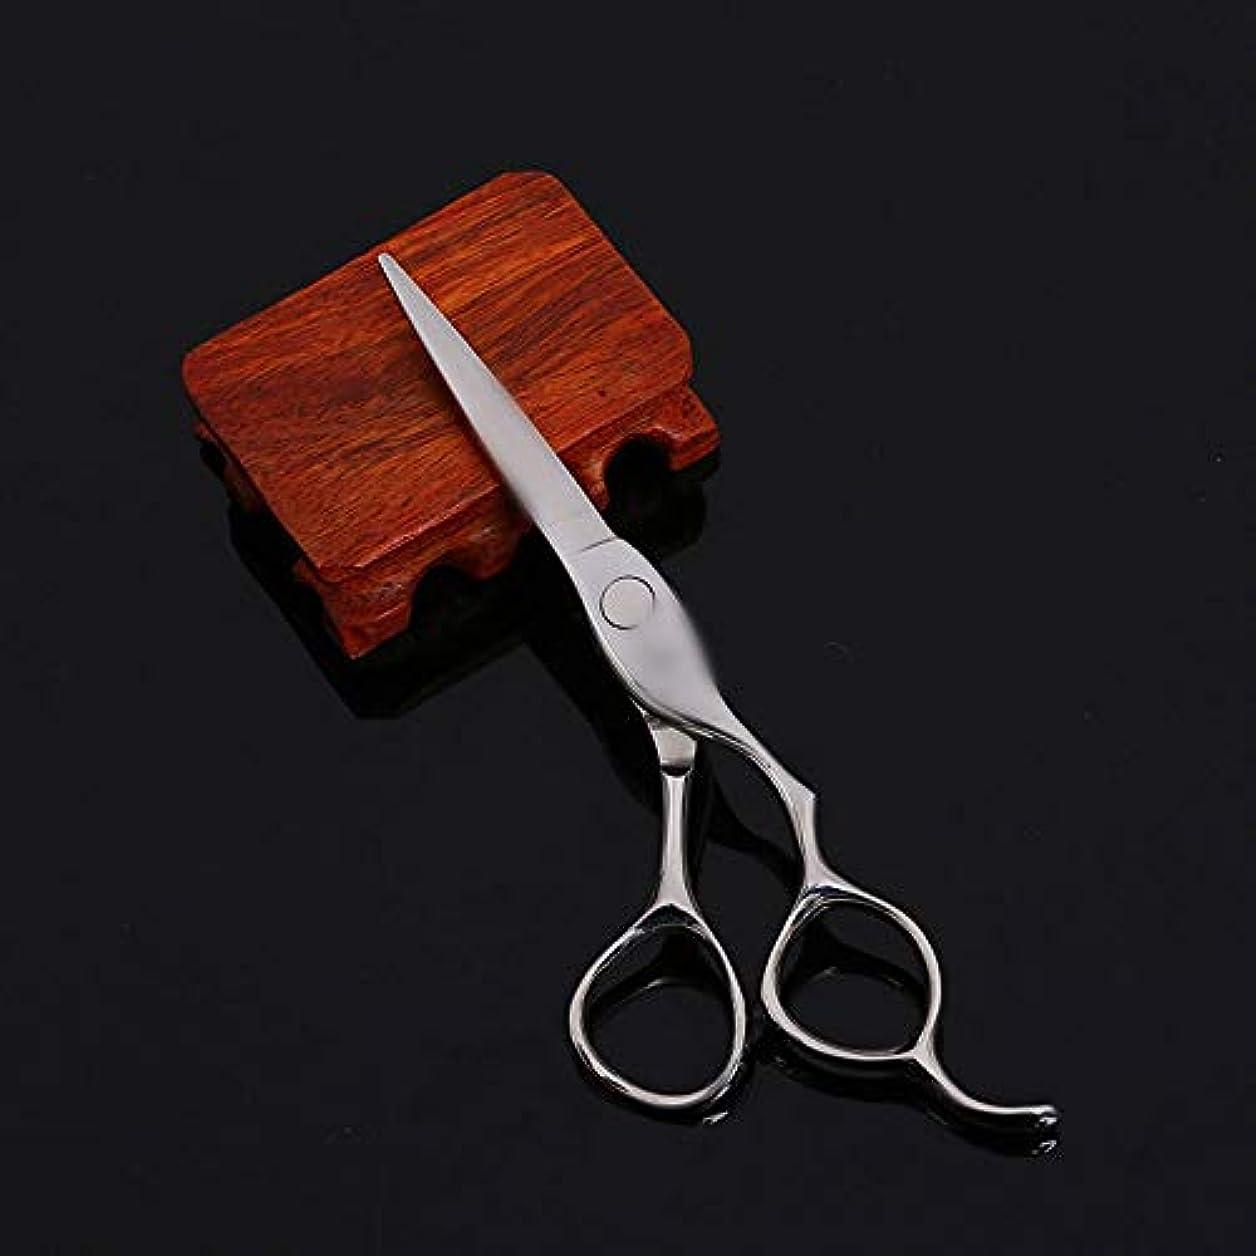 イブニング残基剃るGoodsok-jp 6インチの美容院の専門の単語の二重まっすぐで平らな理髪はさみ用具 (色 : Silver)